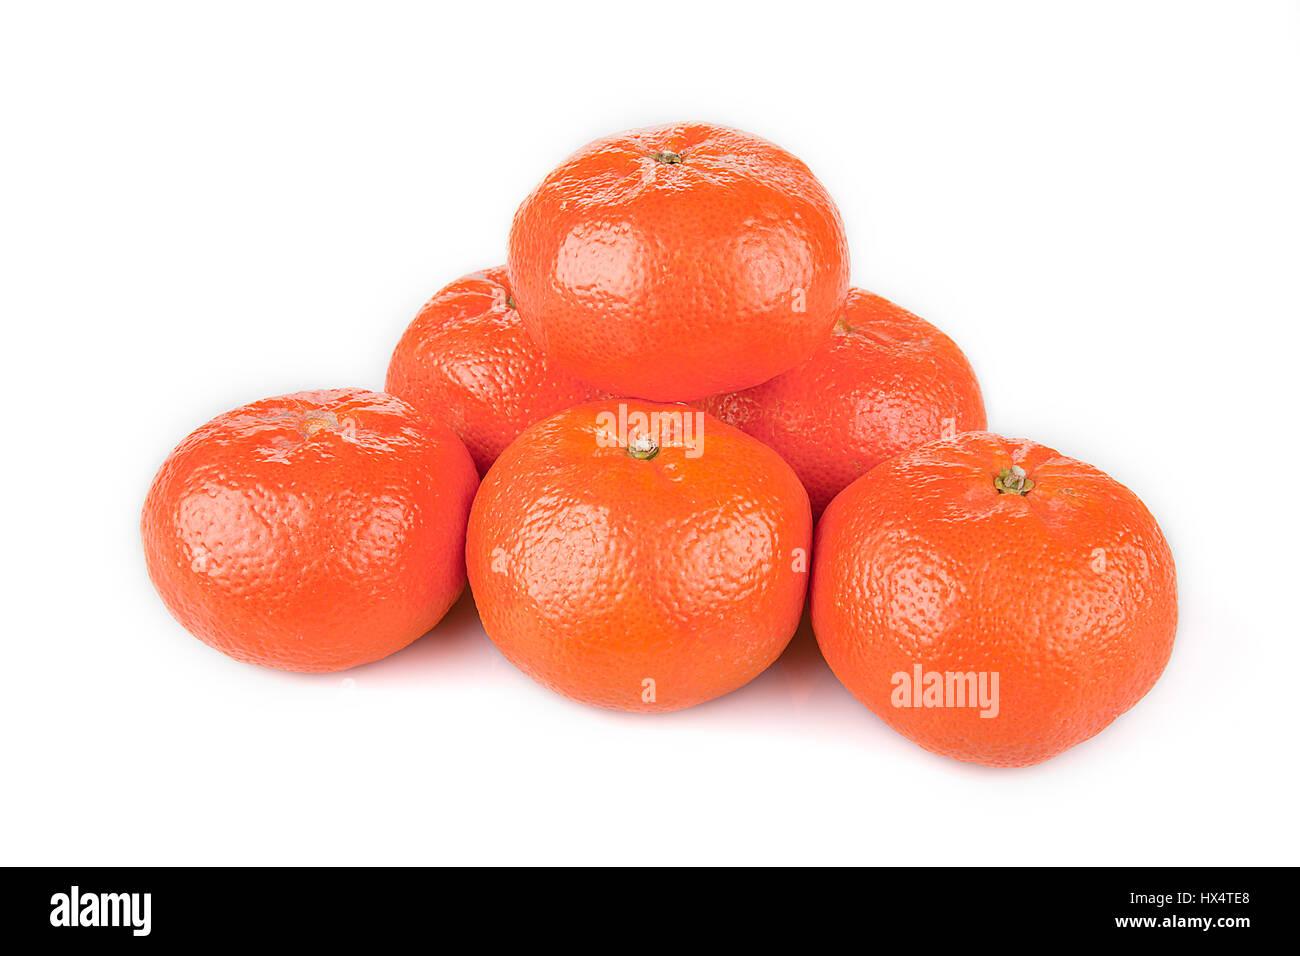 Pile of bright mandarins isolated on white background. - Stock Image